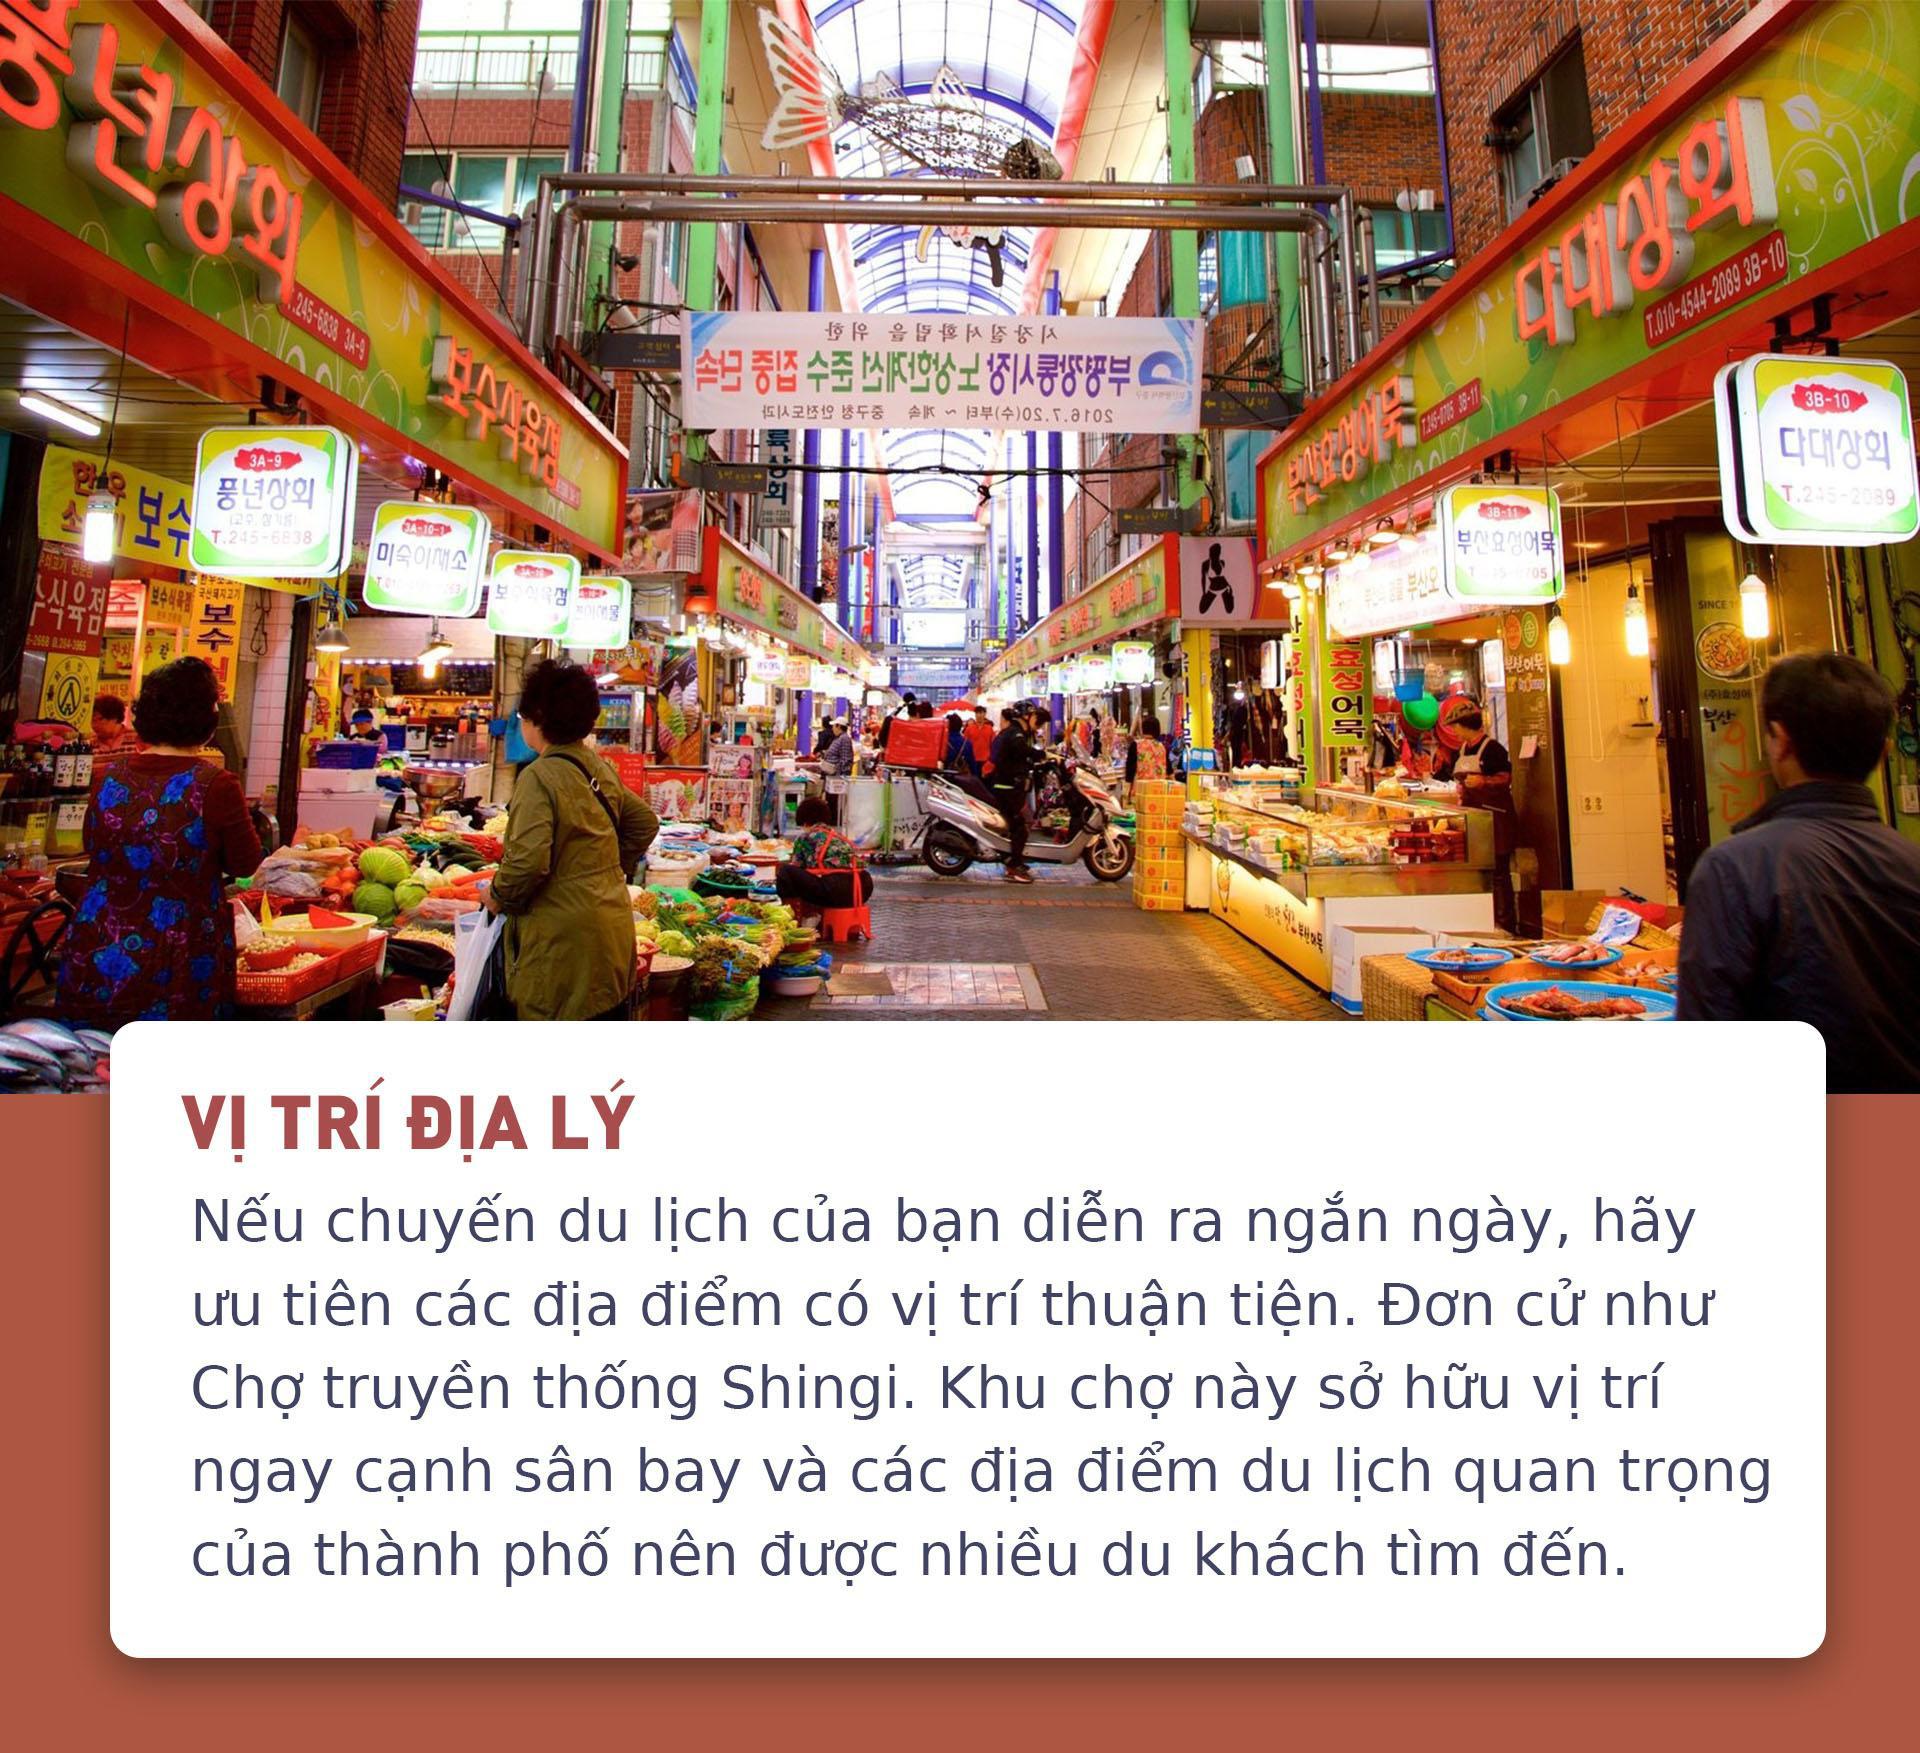 5 lý do khiến các khu chợ truyền thống là điểm du lịch lý tưởng khi đến Hàn Quốc - Ảnh 4.